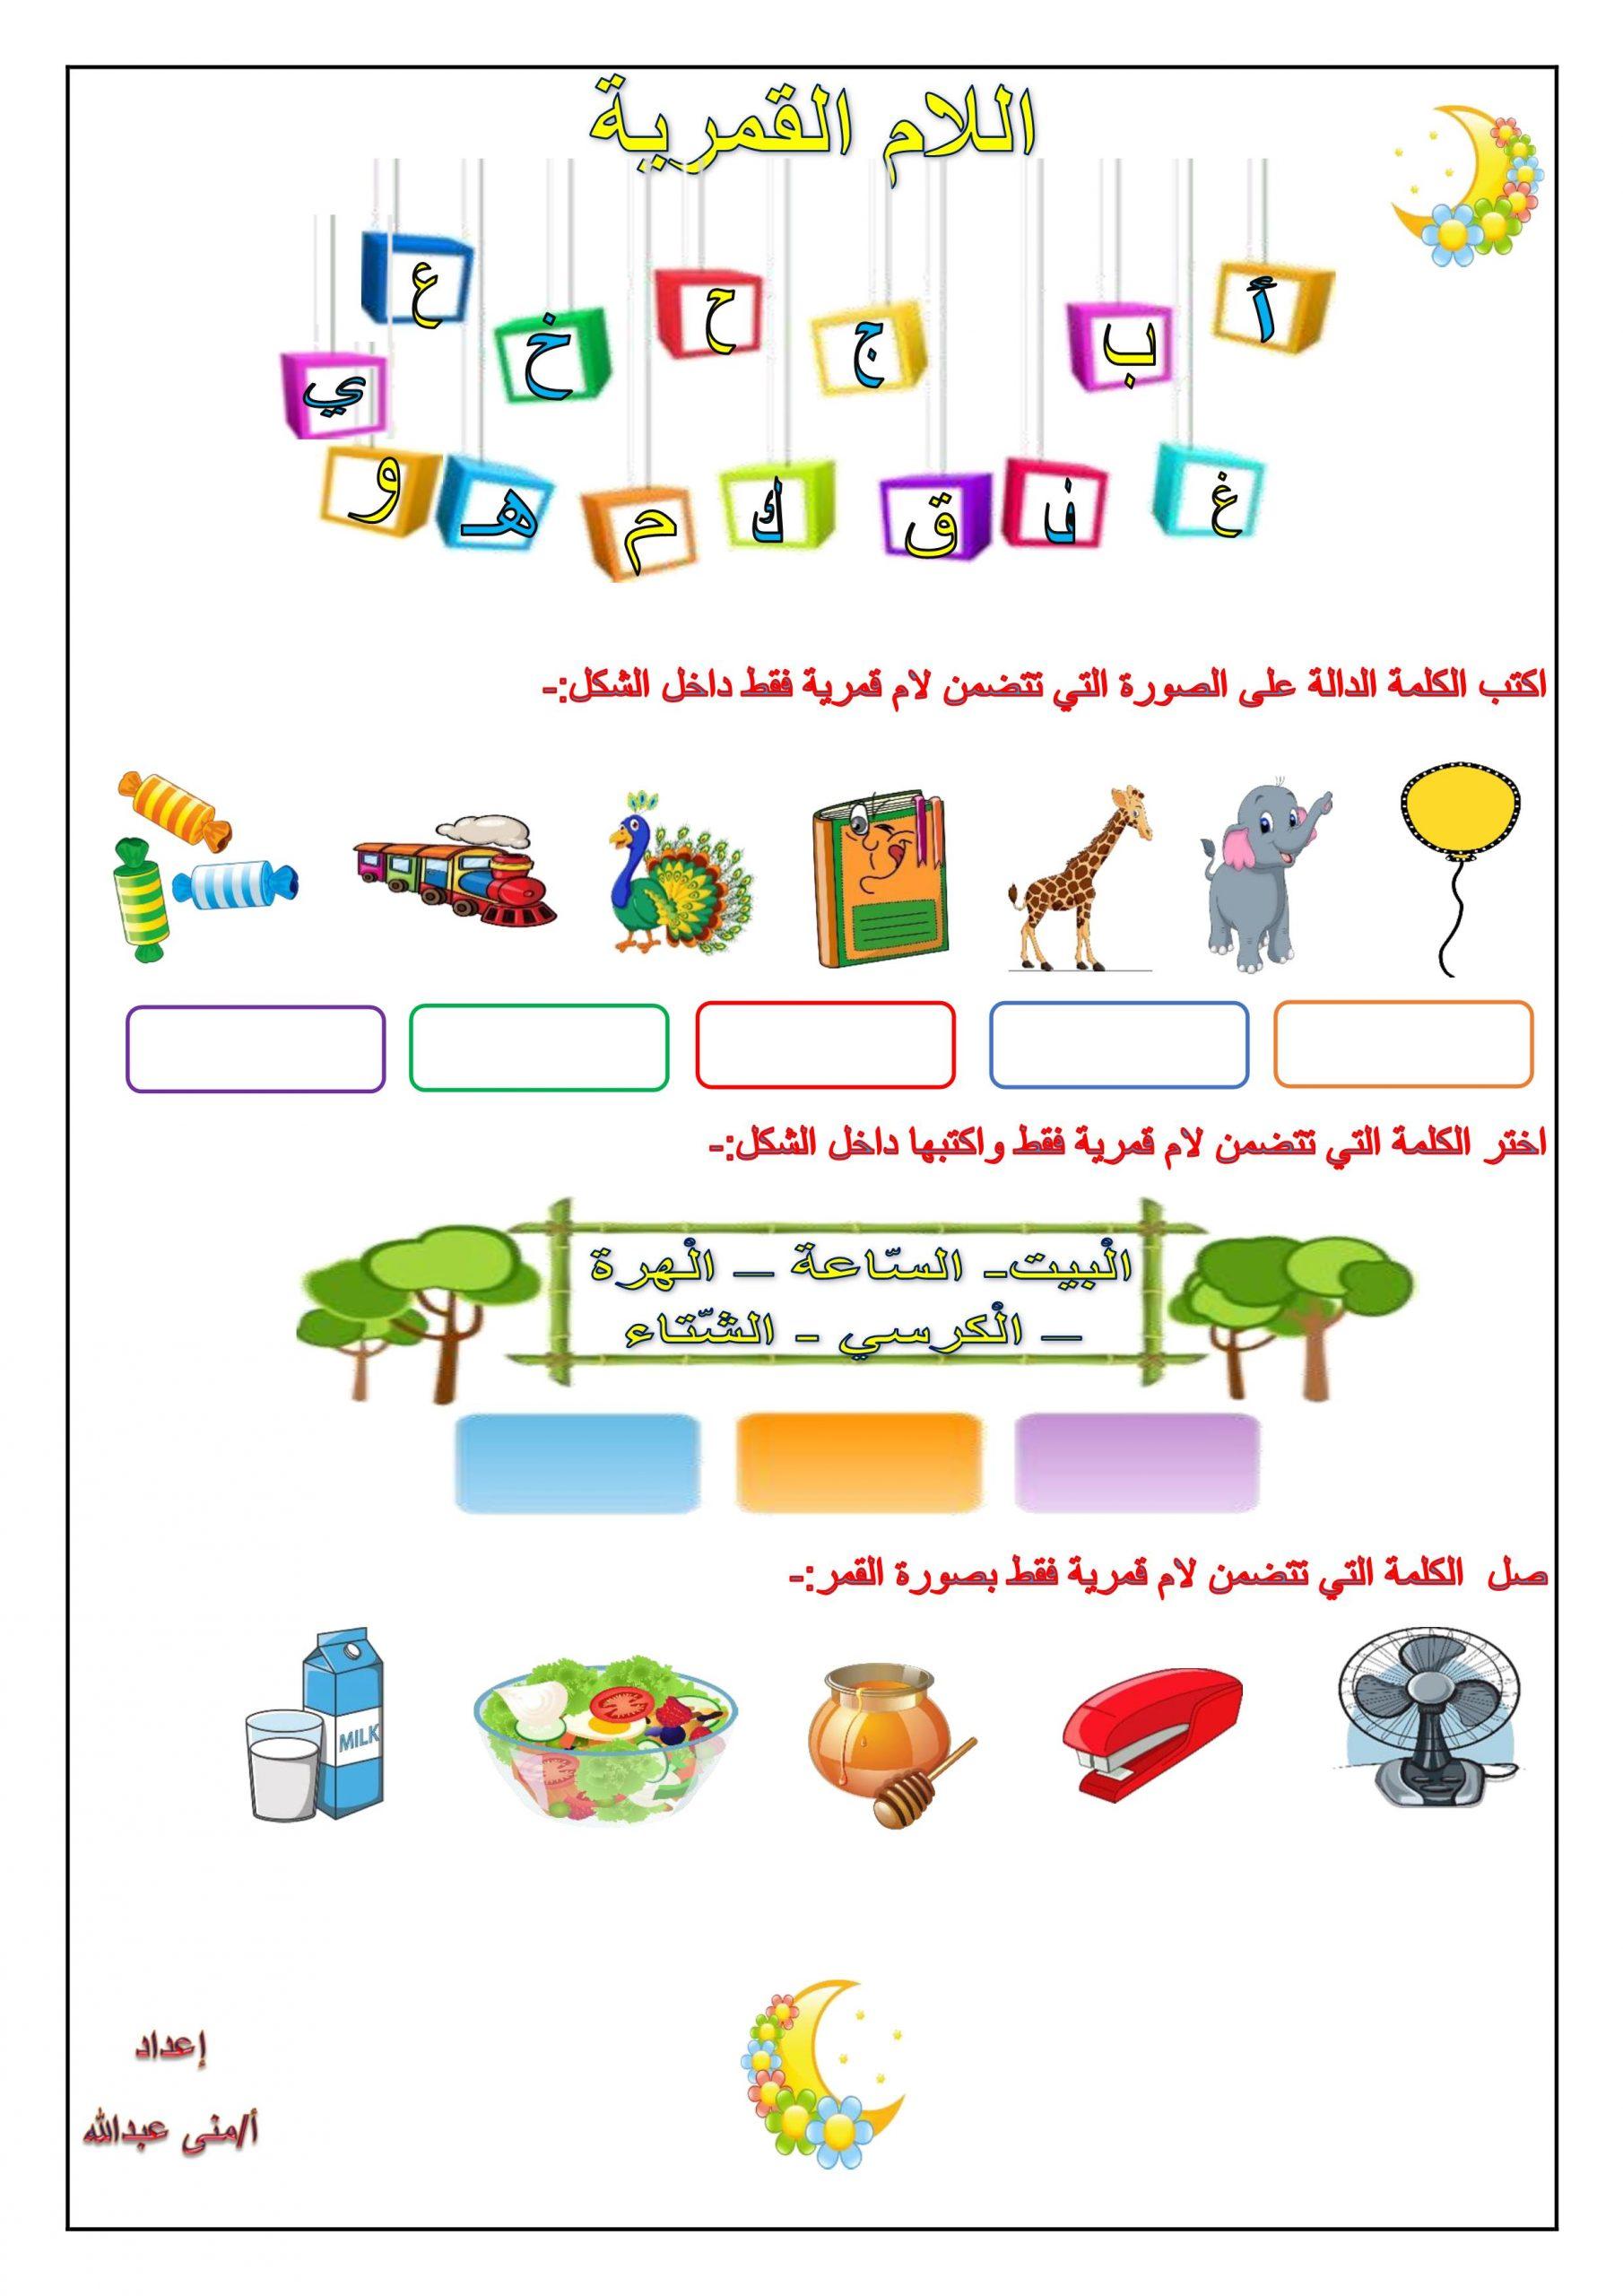 ورقة عمل اللام القمرية واللام الشمسية للصف الاول مادة اللغة العربية